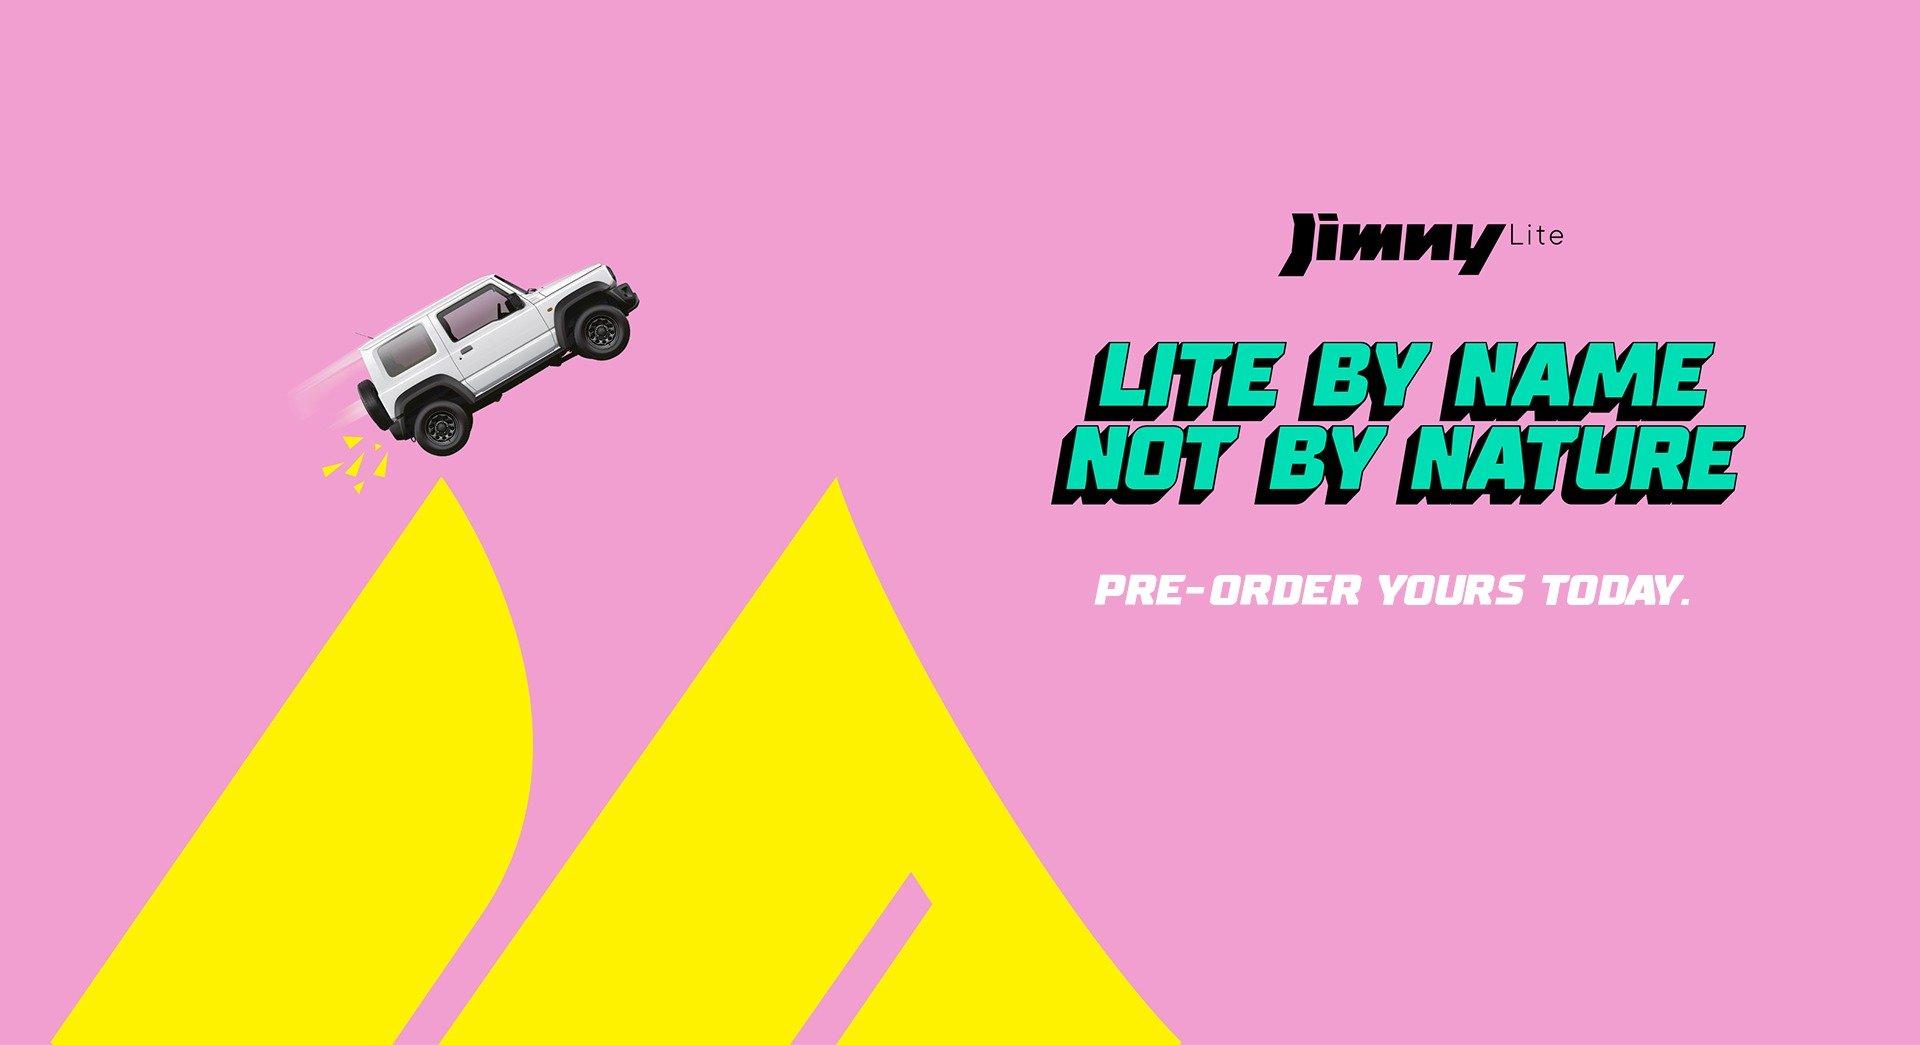 New Suzuki Jimny Lite for Sale Perth